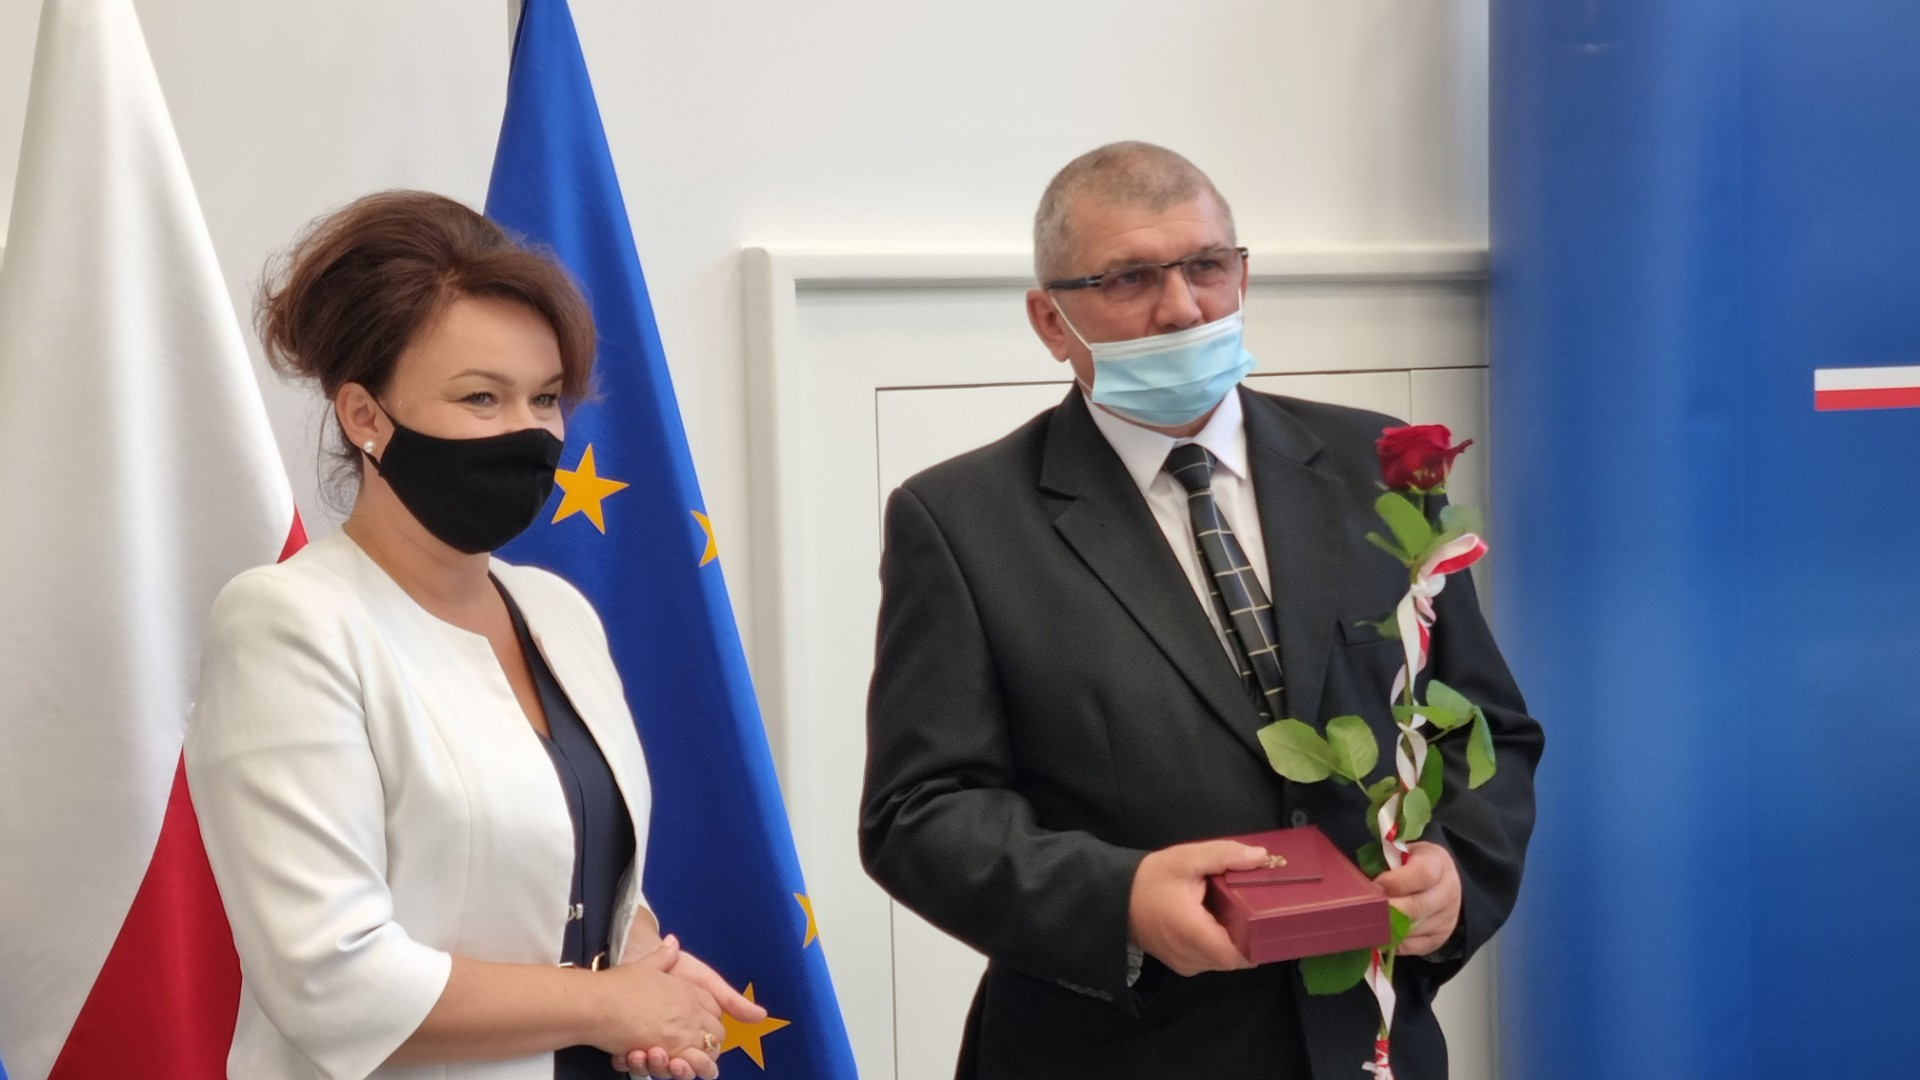 Stanisław Bachmatiuk odebrał medal Krzyż Komandorski Orderu Odrodzenia Polski - Magdalena Konieczna